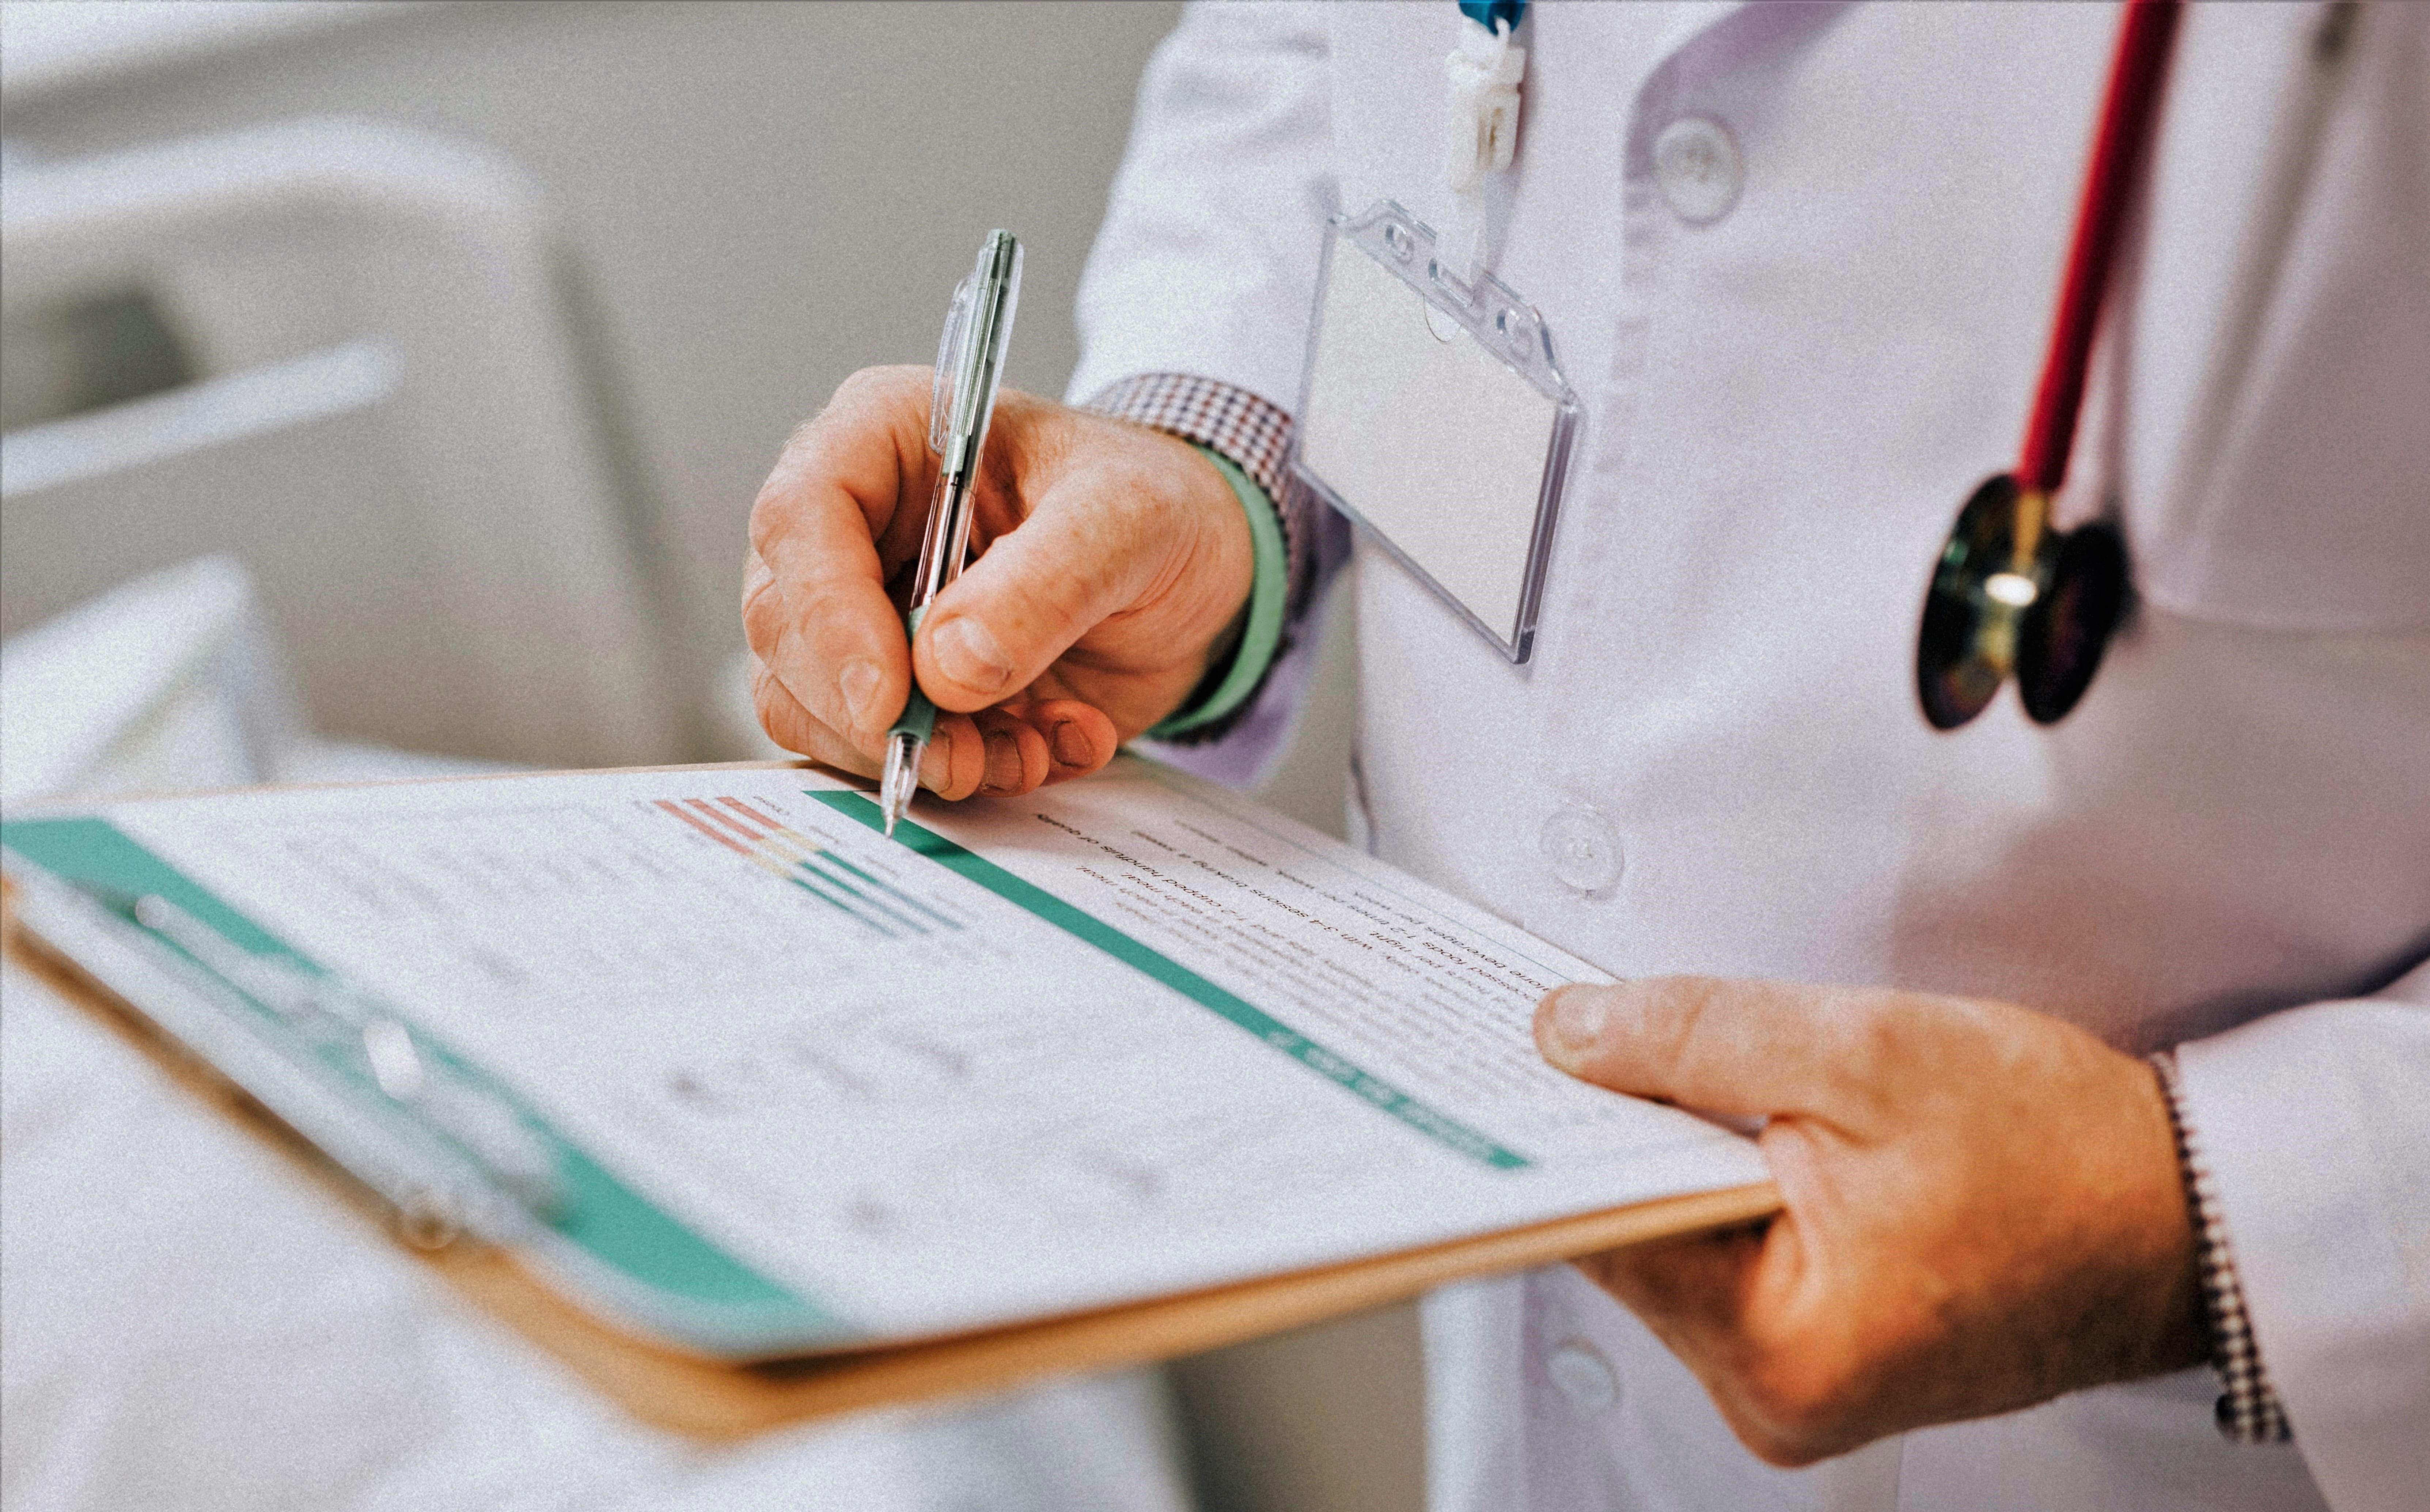 Psihijatar može da prepiše i određenu terapiju lekovima